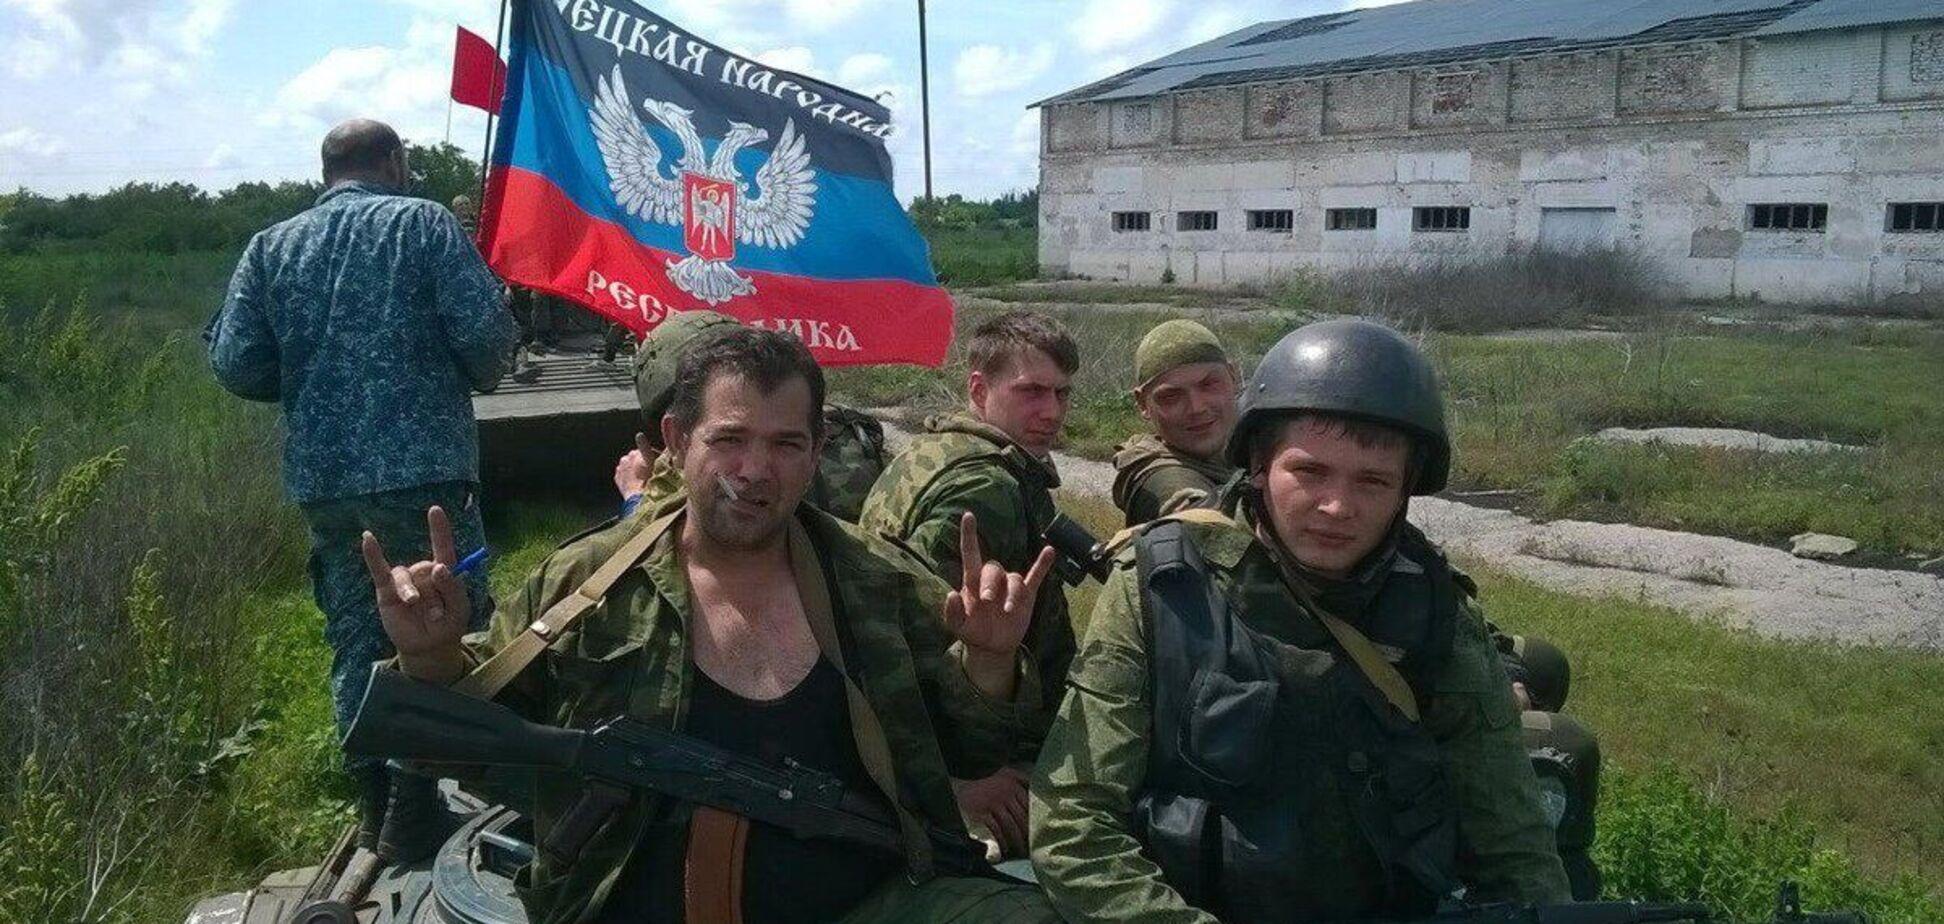 Білорусь може видати затриманих вагнерівців Україні: ексміністр озвучив важливу умову